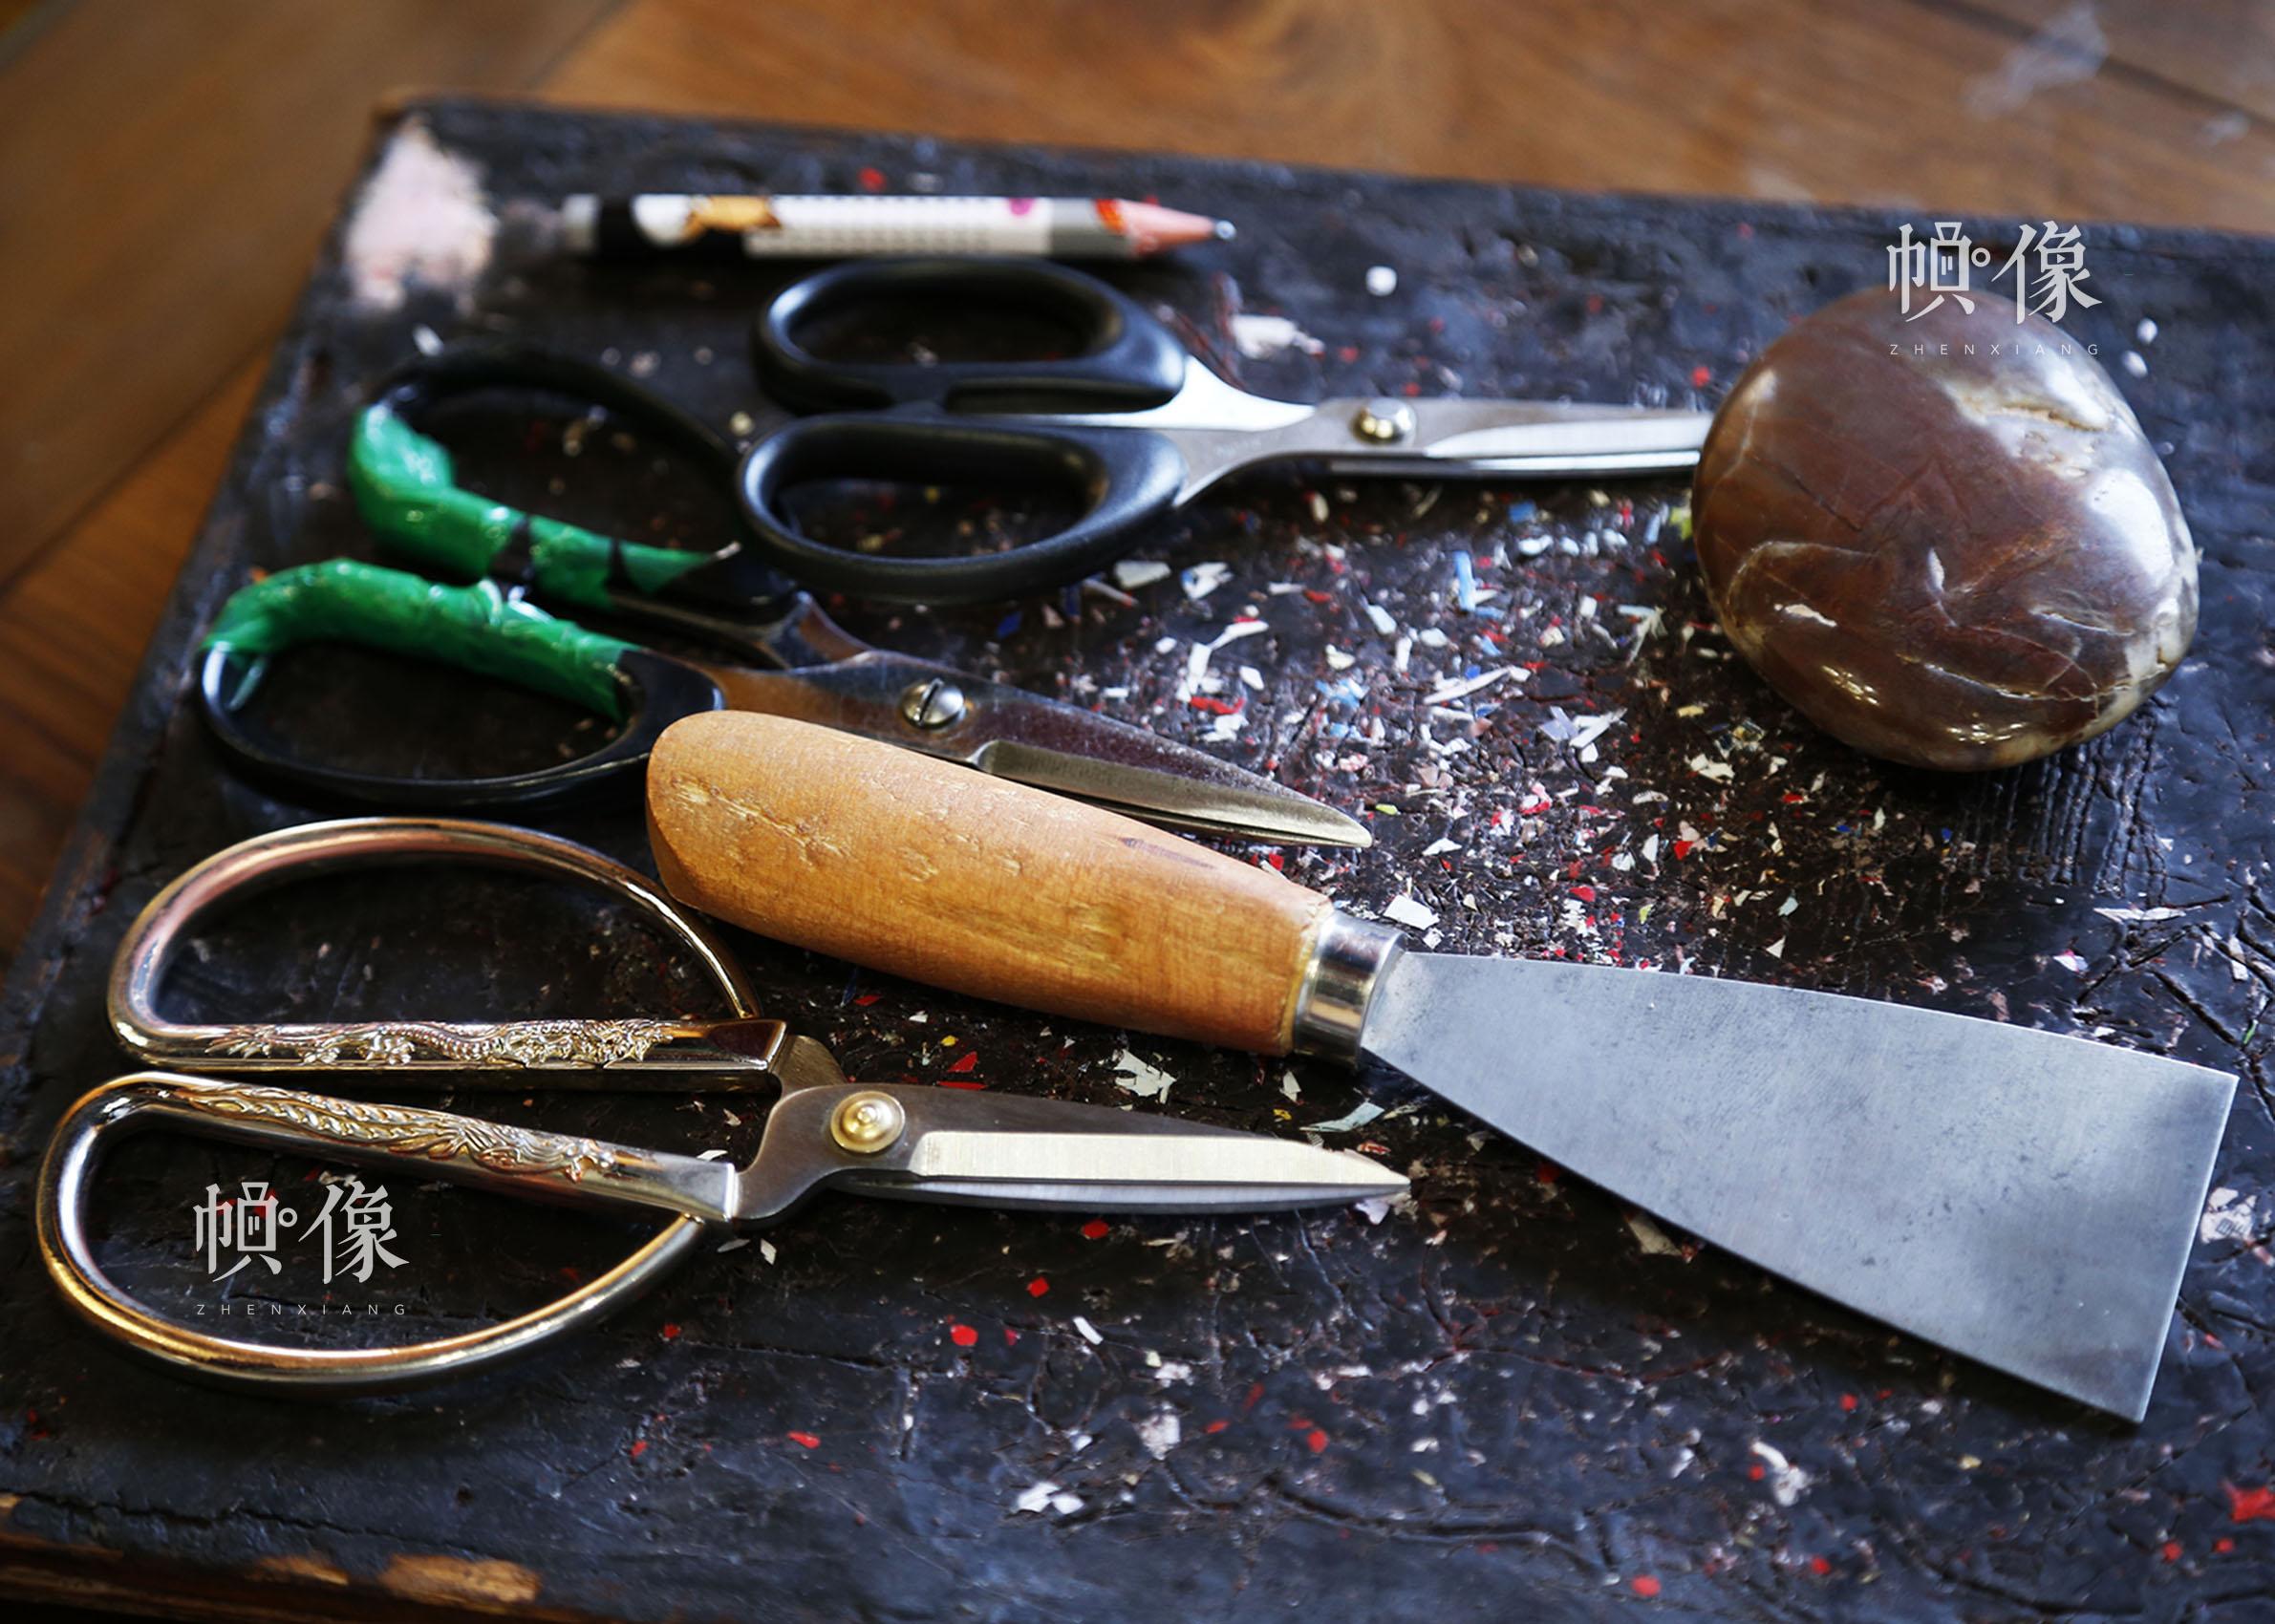 姚雨林的剪纸工具。中国网实习记者 张钰 摄